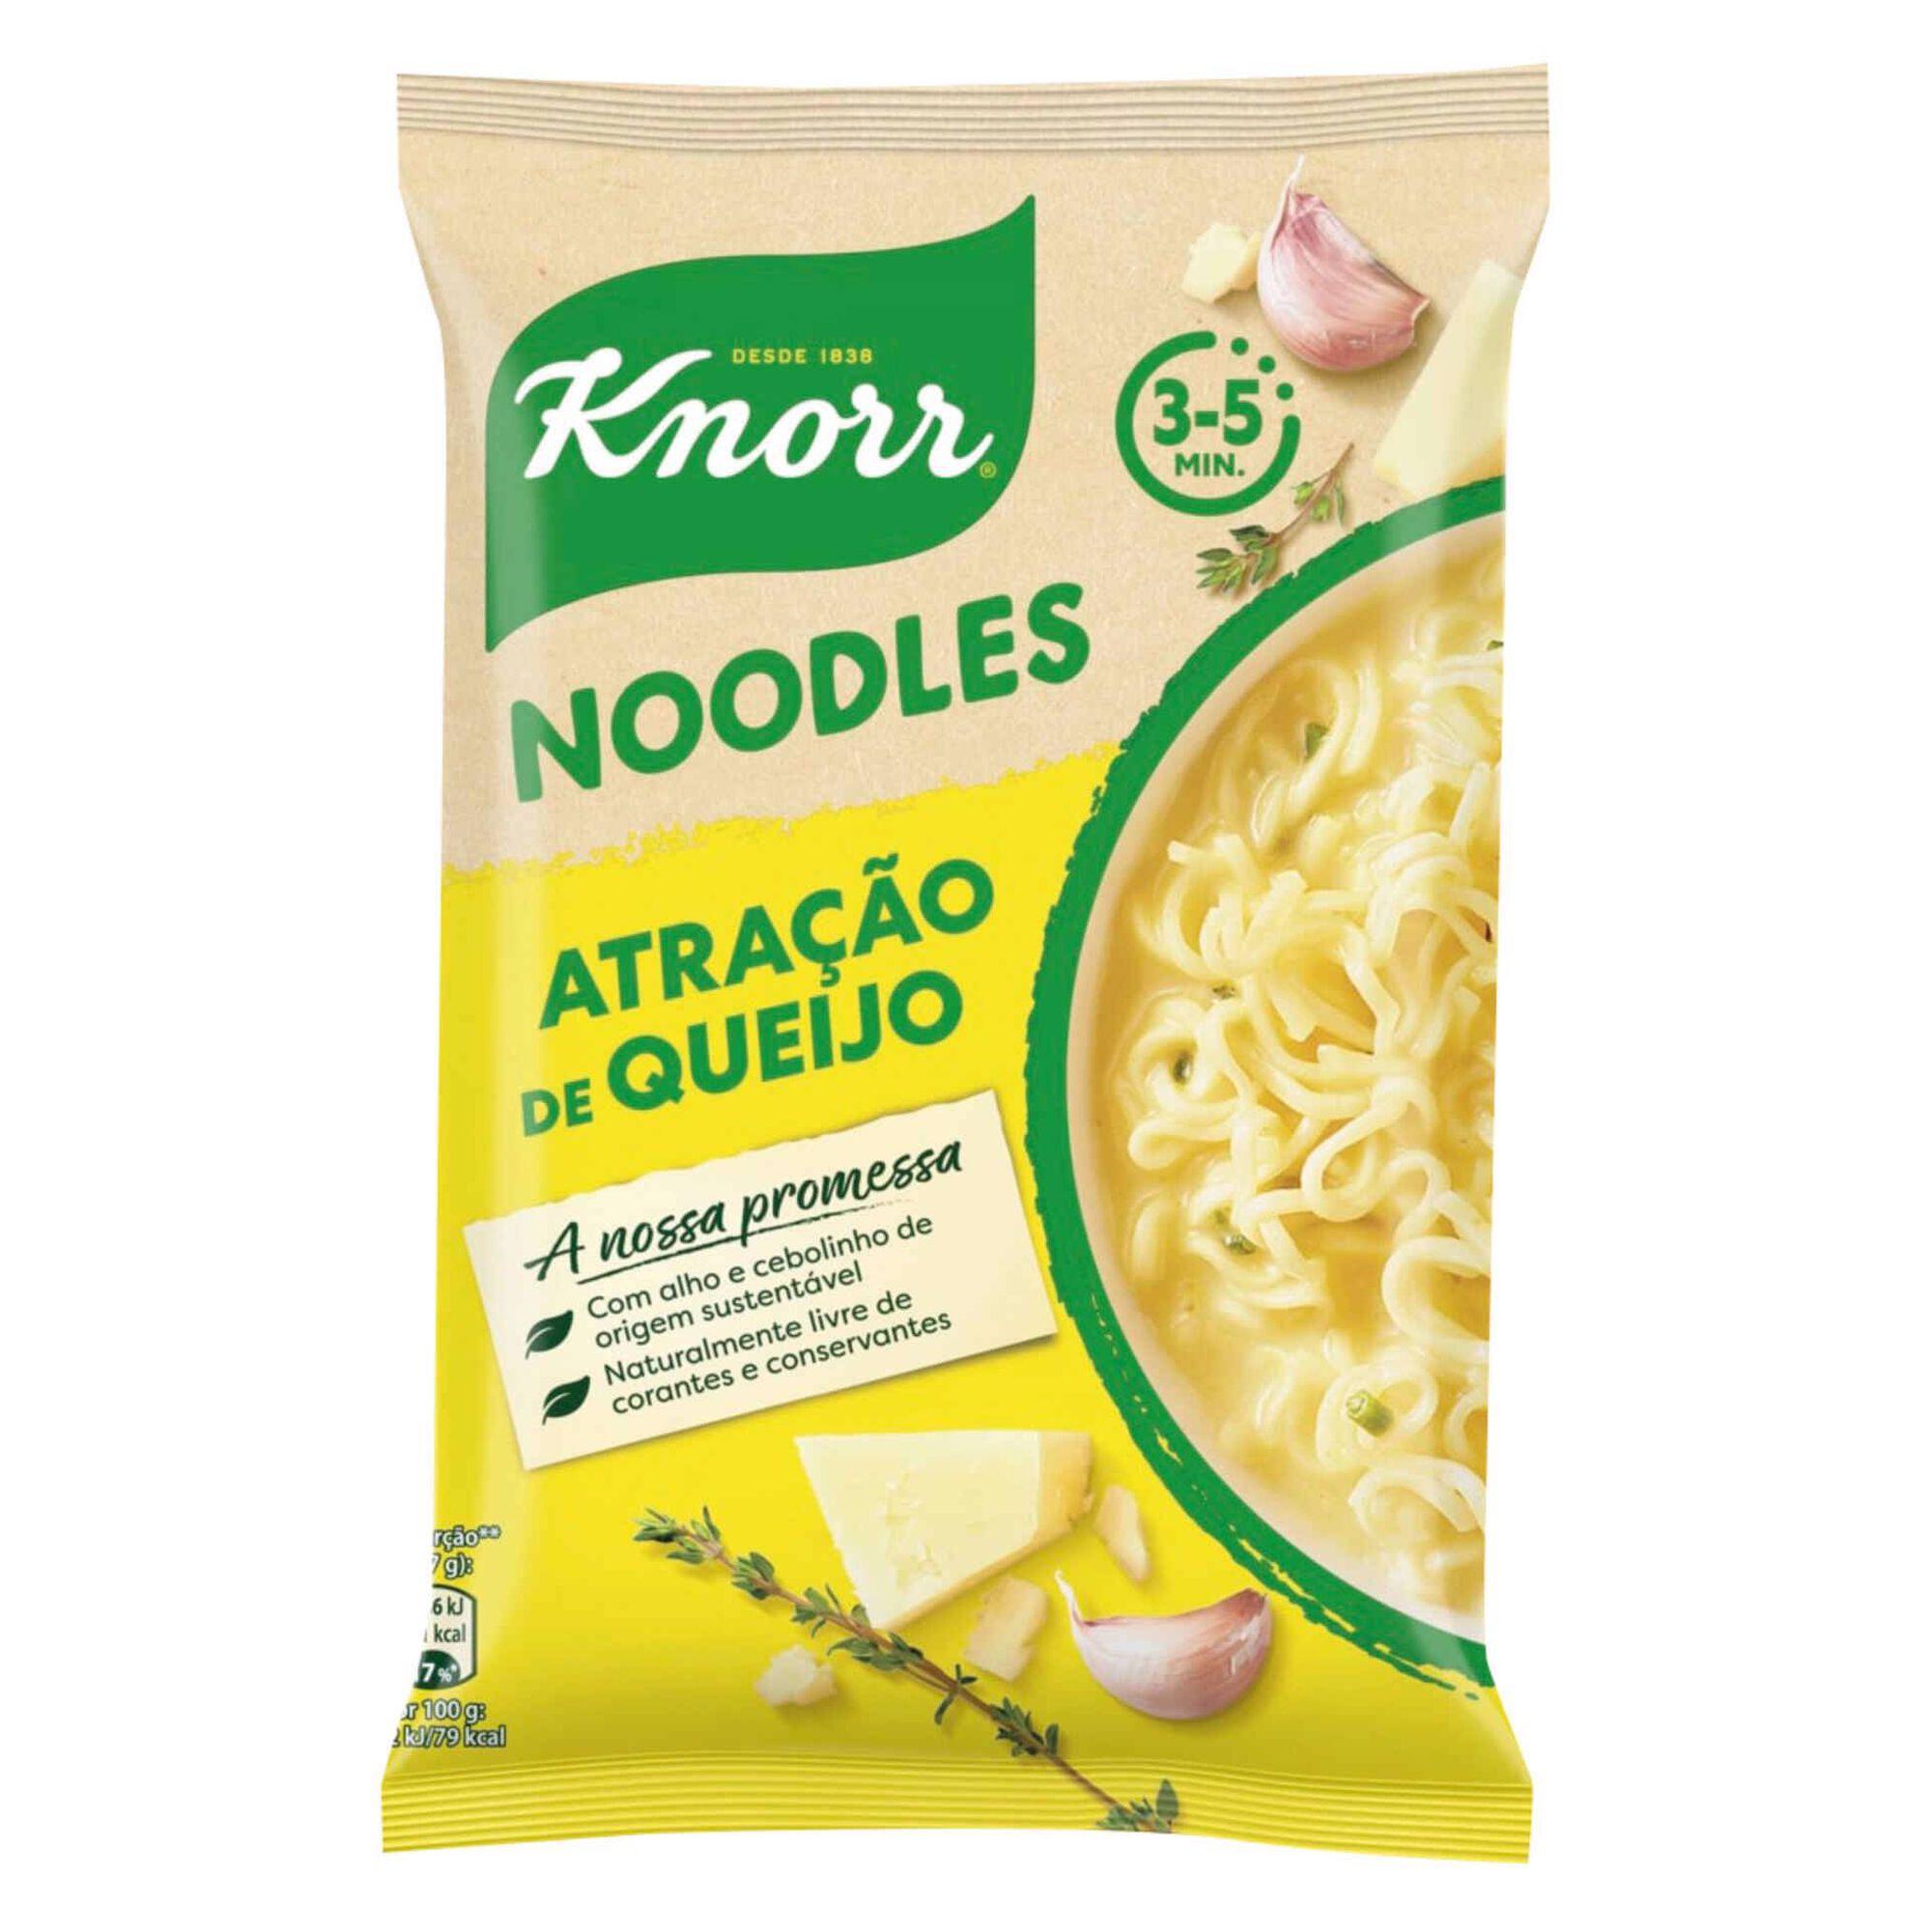 Noodles Atração de Queijo